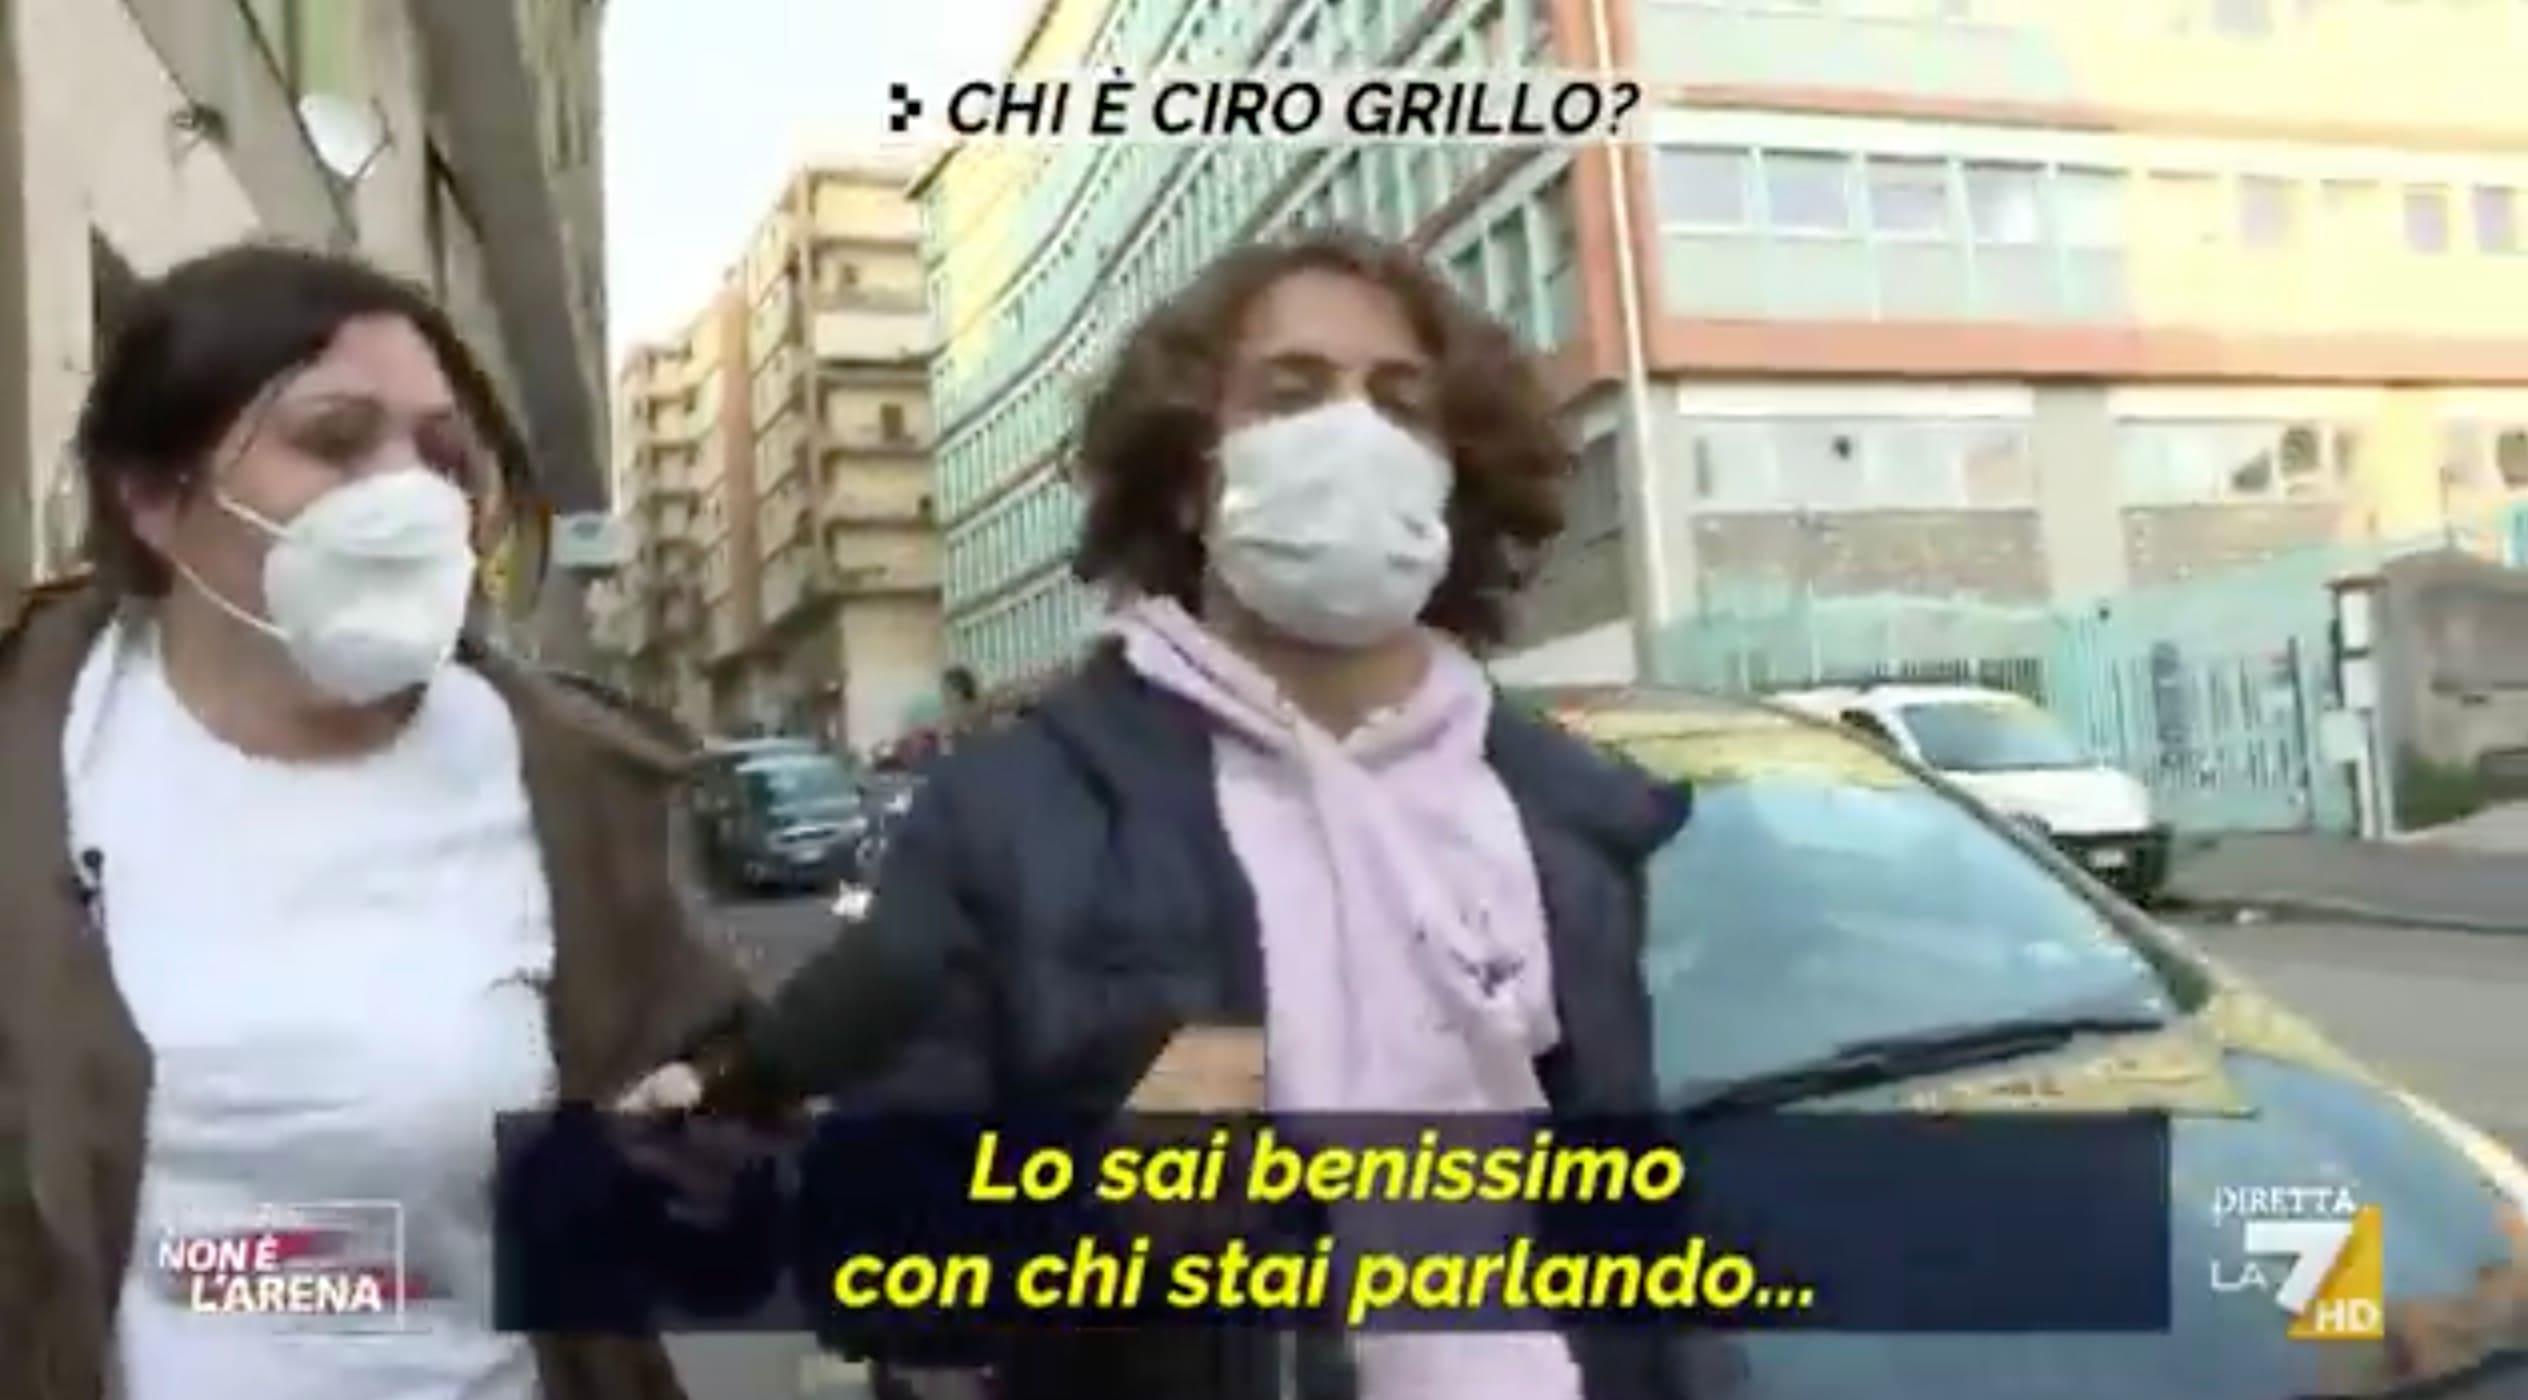 Amico Ciro Grillo